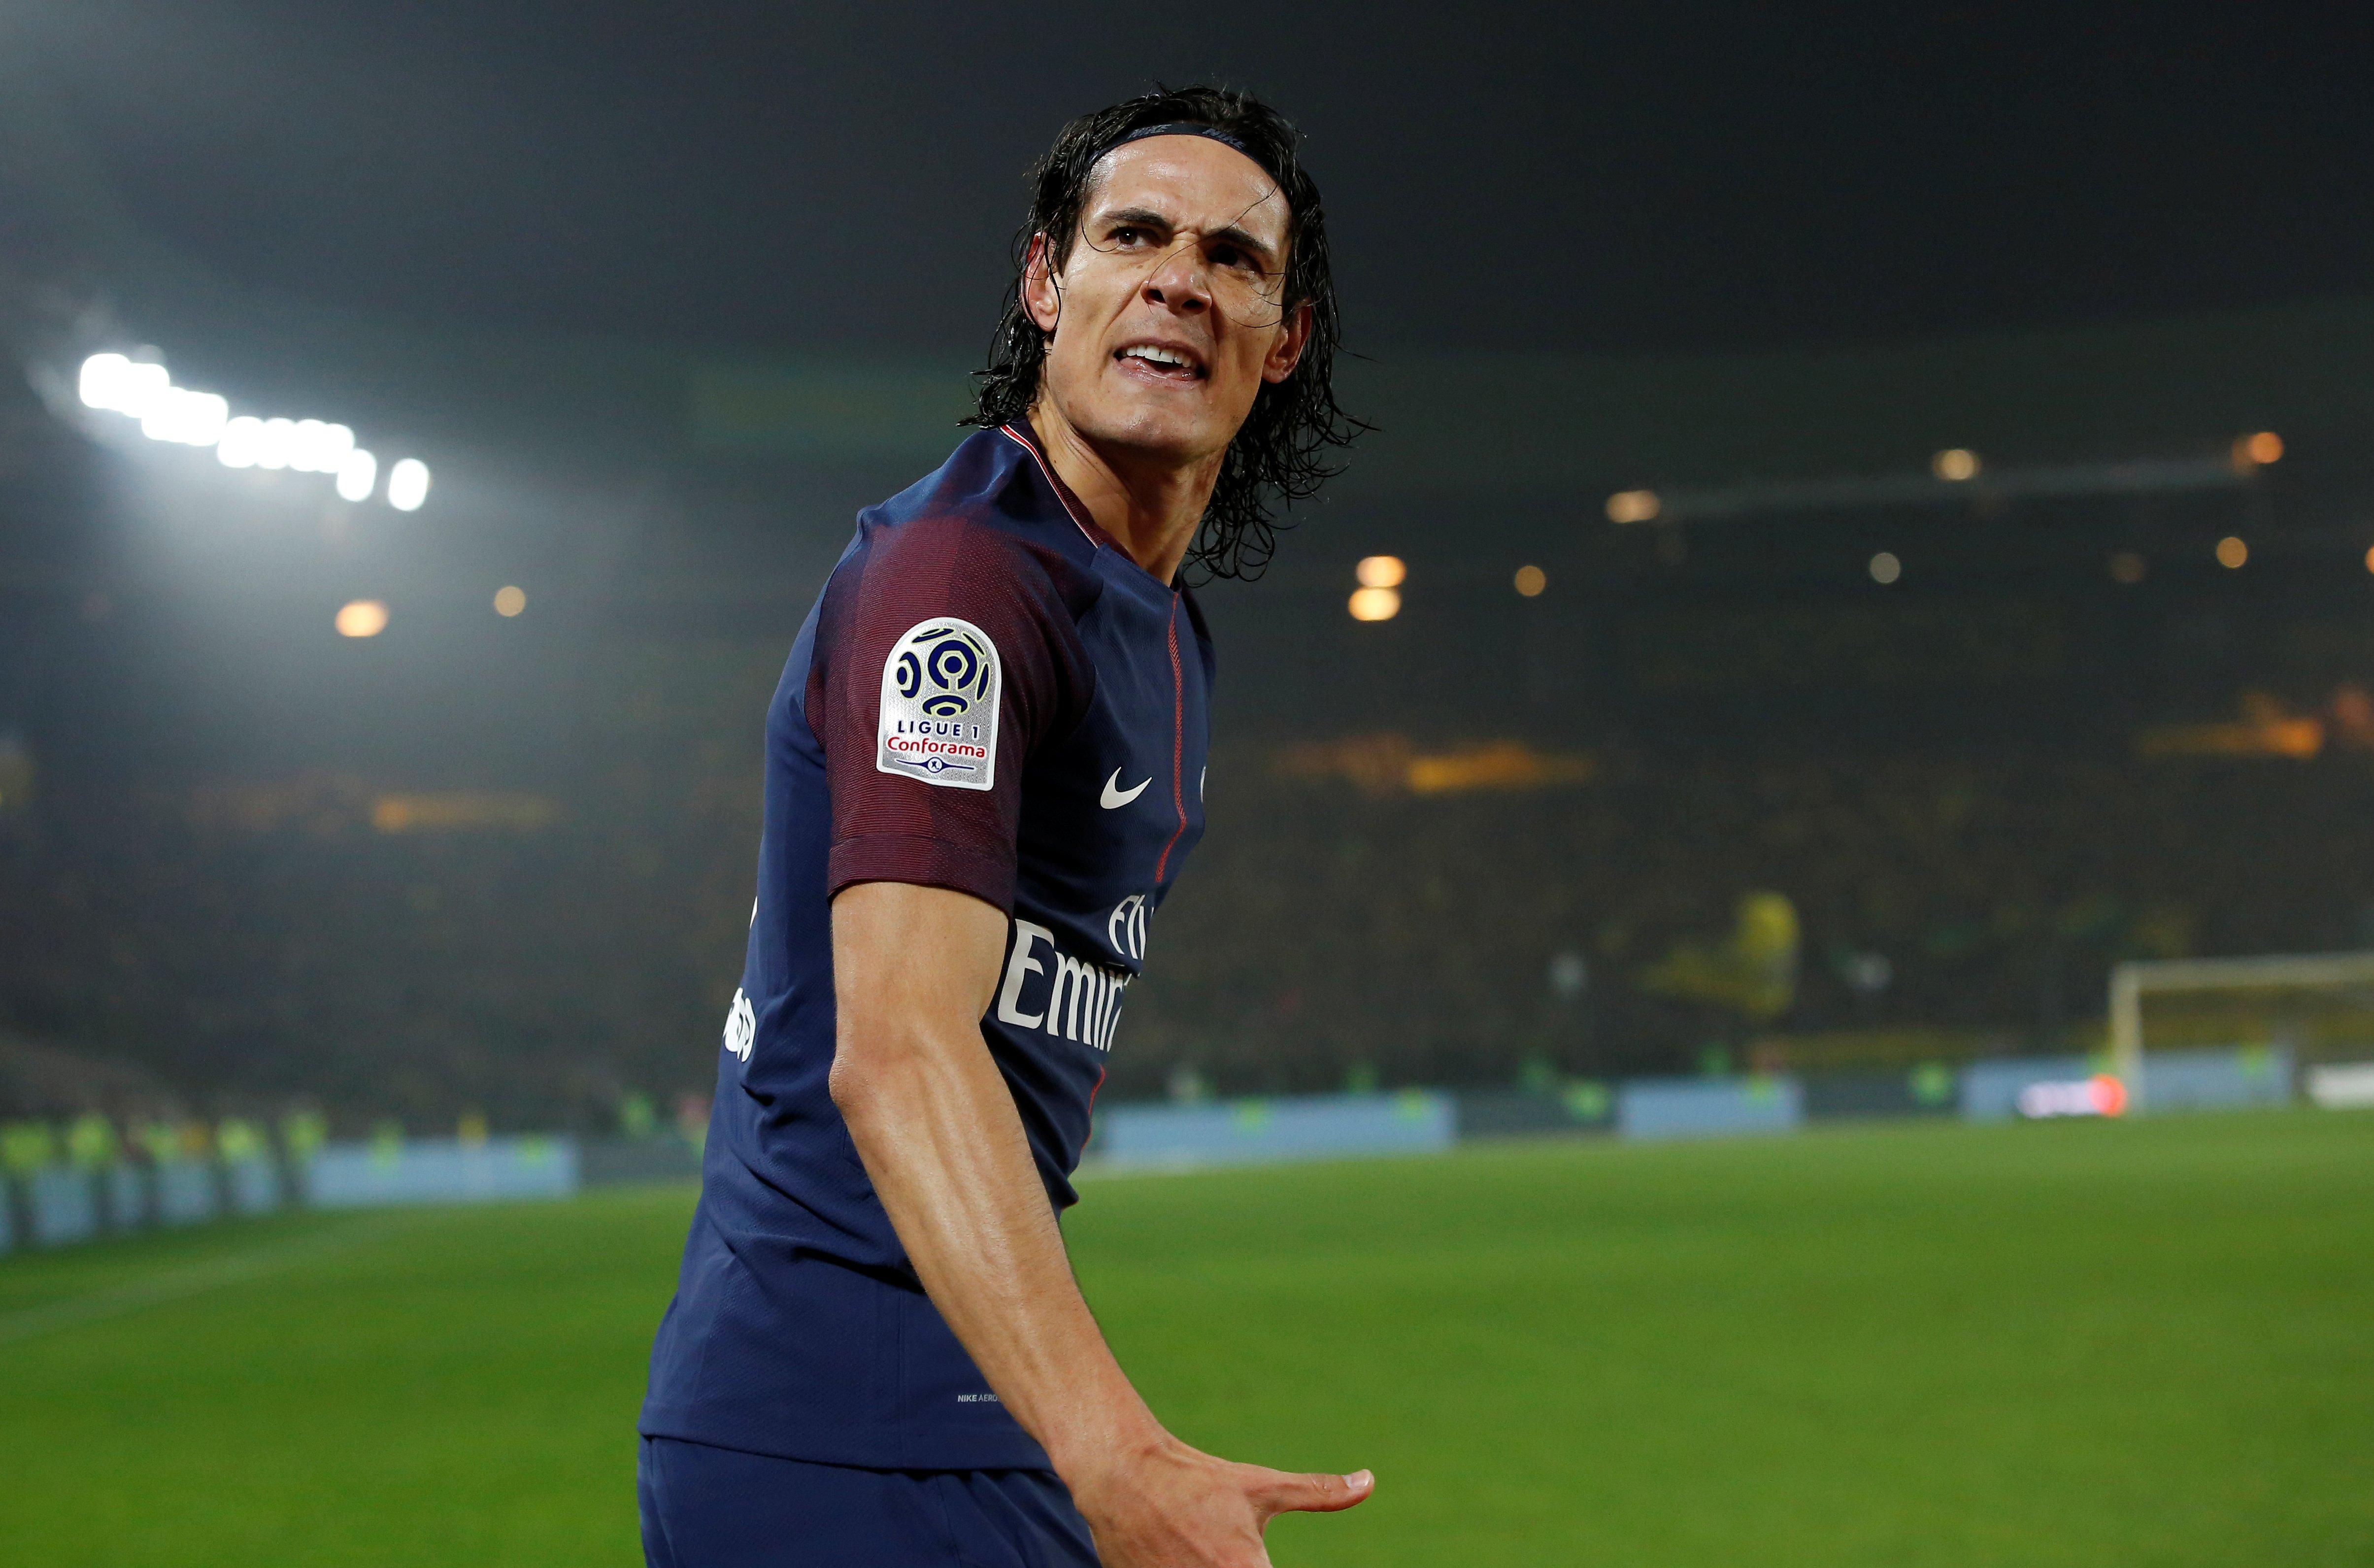 Ligue 1: Le PSG poursuit son sans-faute grâce à Cavani